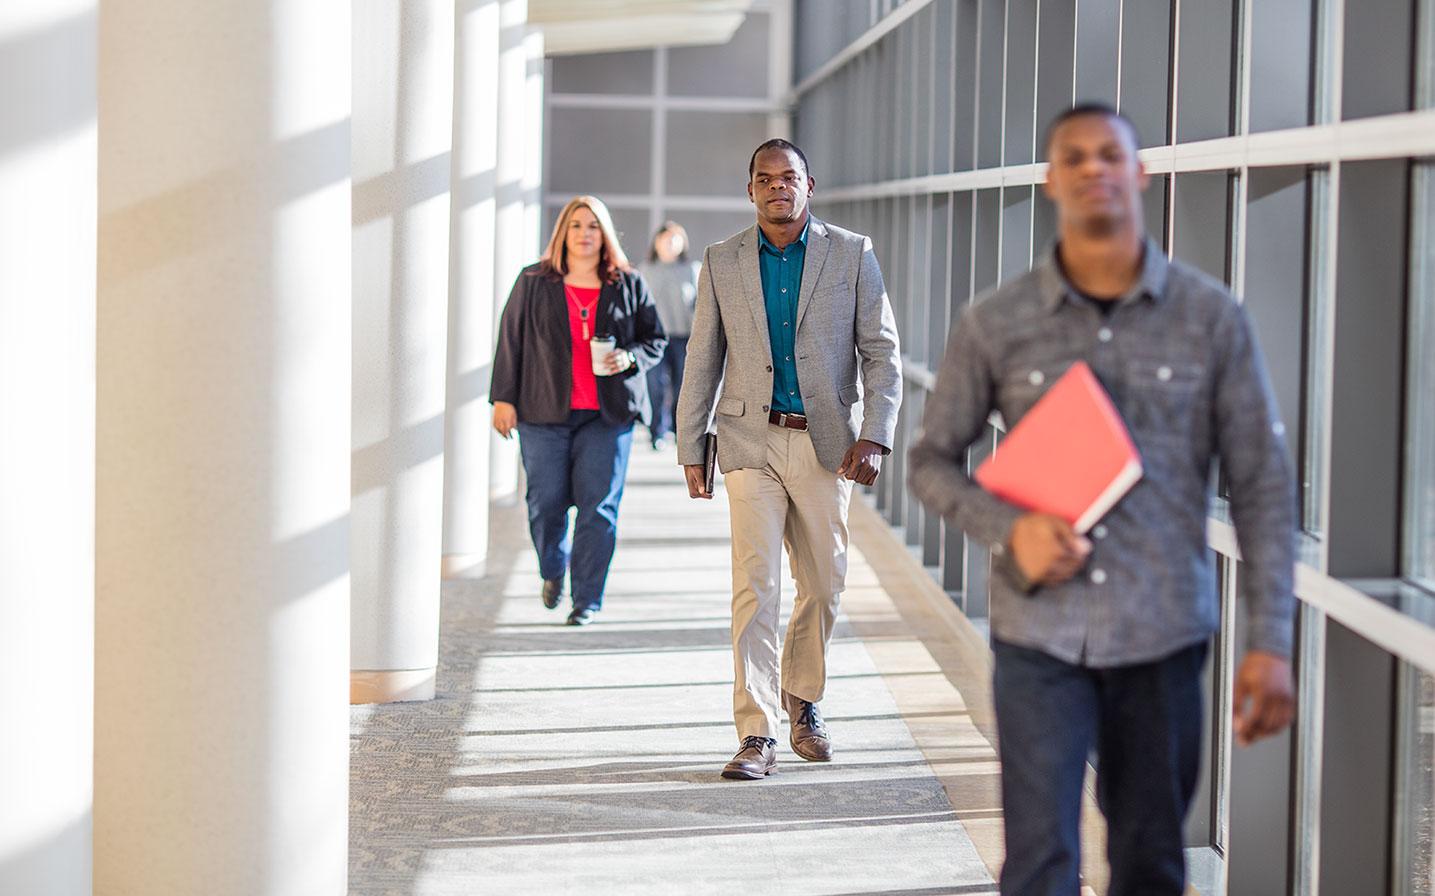 Employees walking